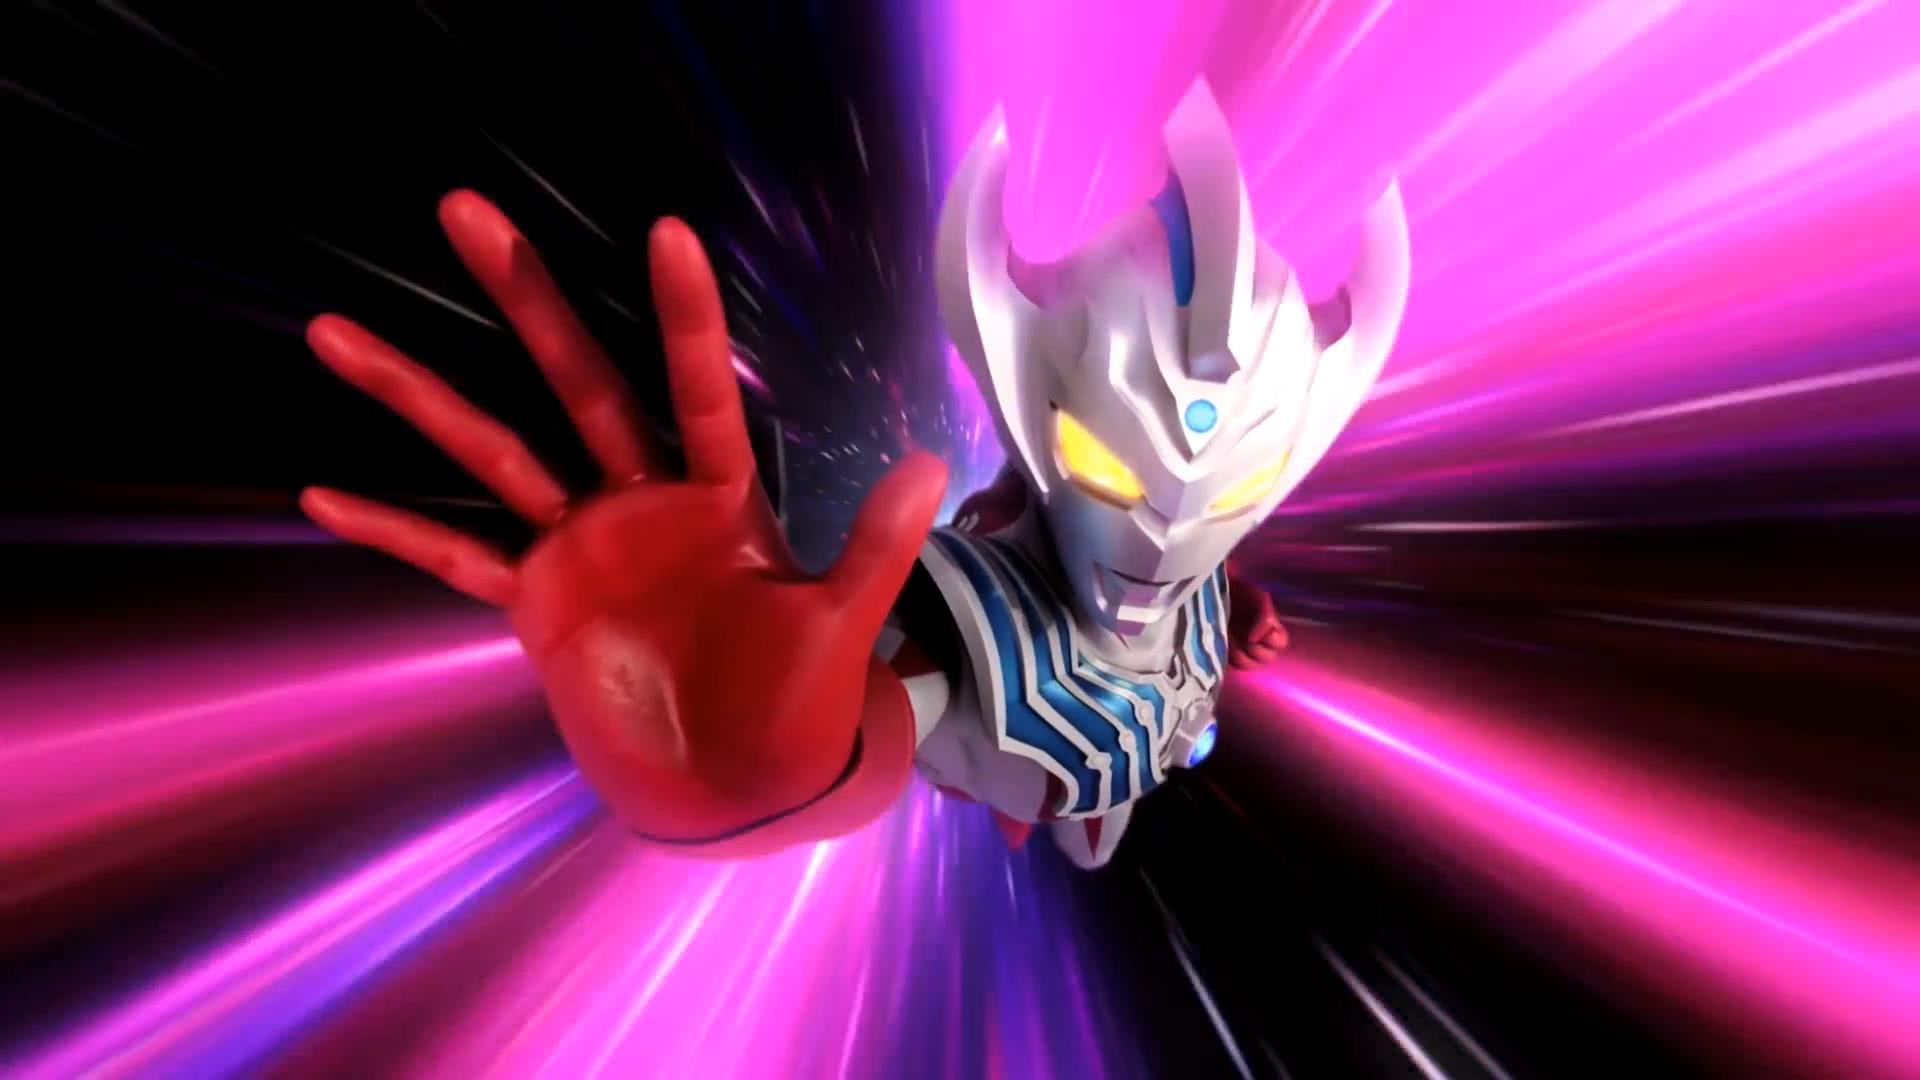 泰迦奥特曼登场怪兽的实力,已经证明了泰迦奥特曼的强大